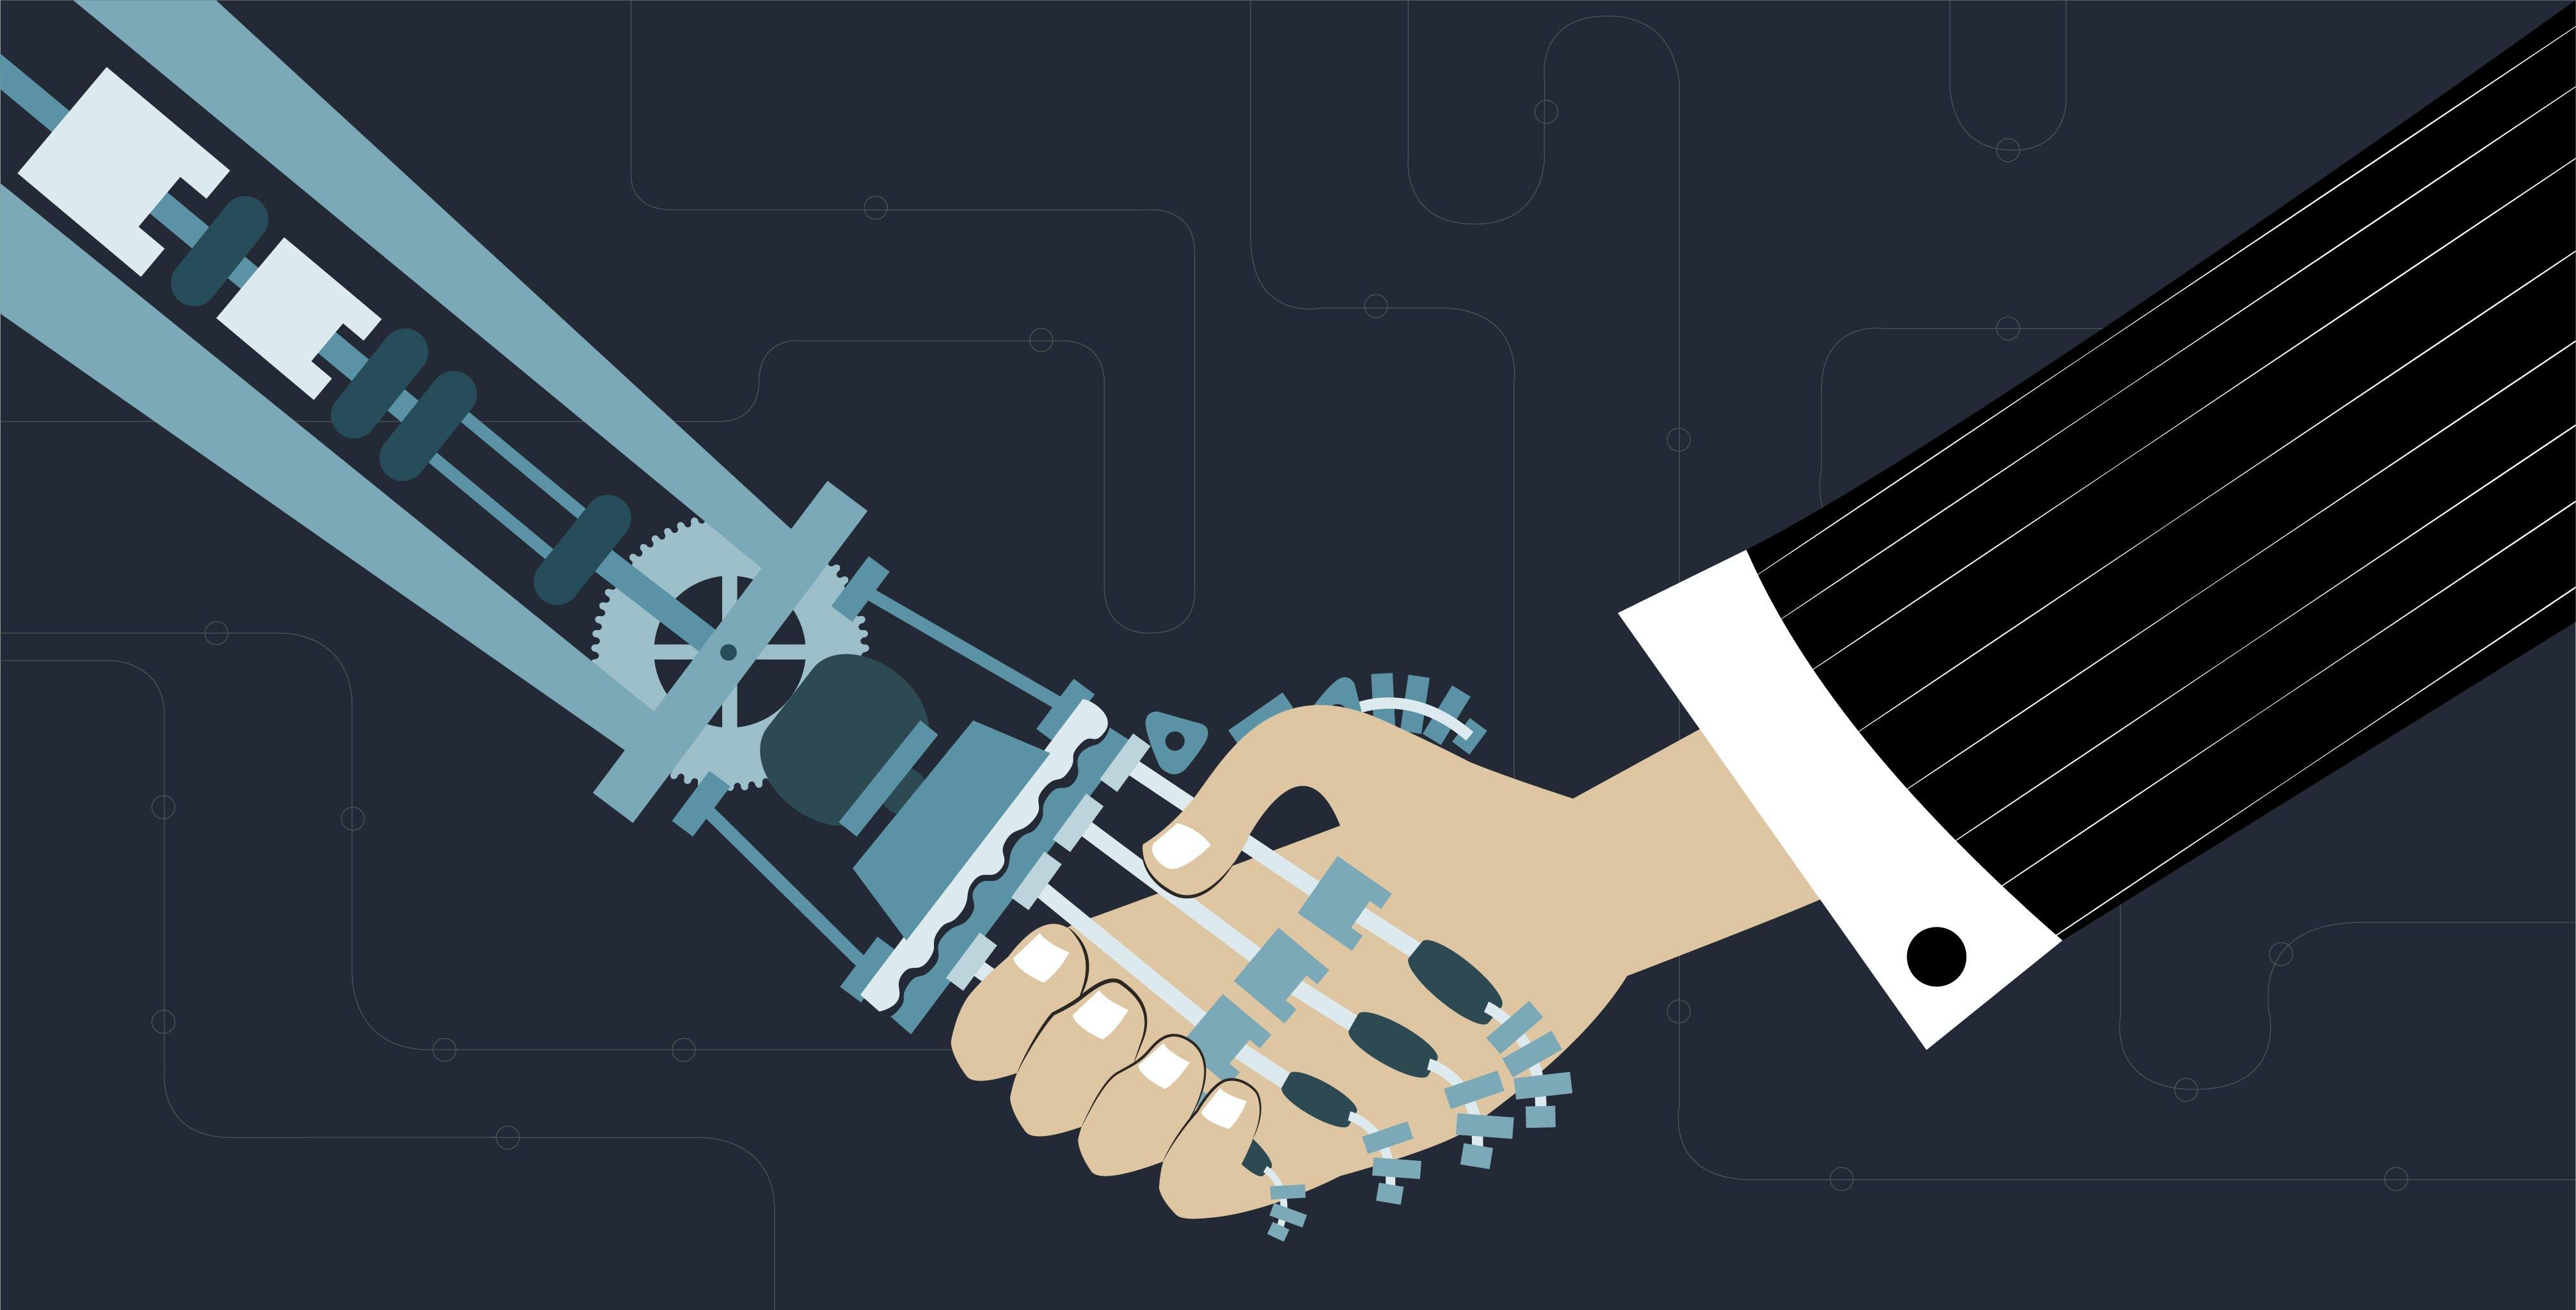 5 Berufe mit Zukunft: Nach diesen Fachkräften sucht die Hightech-Branche